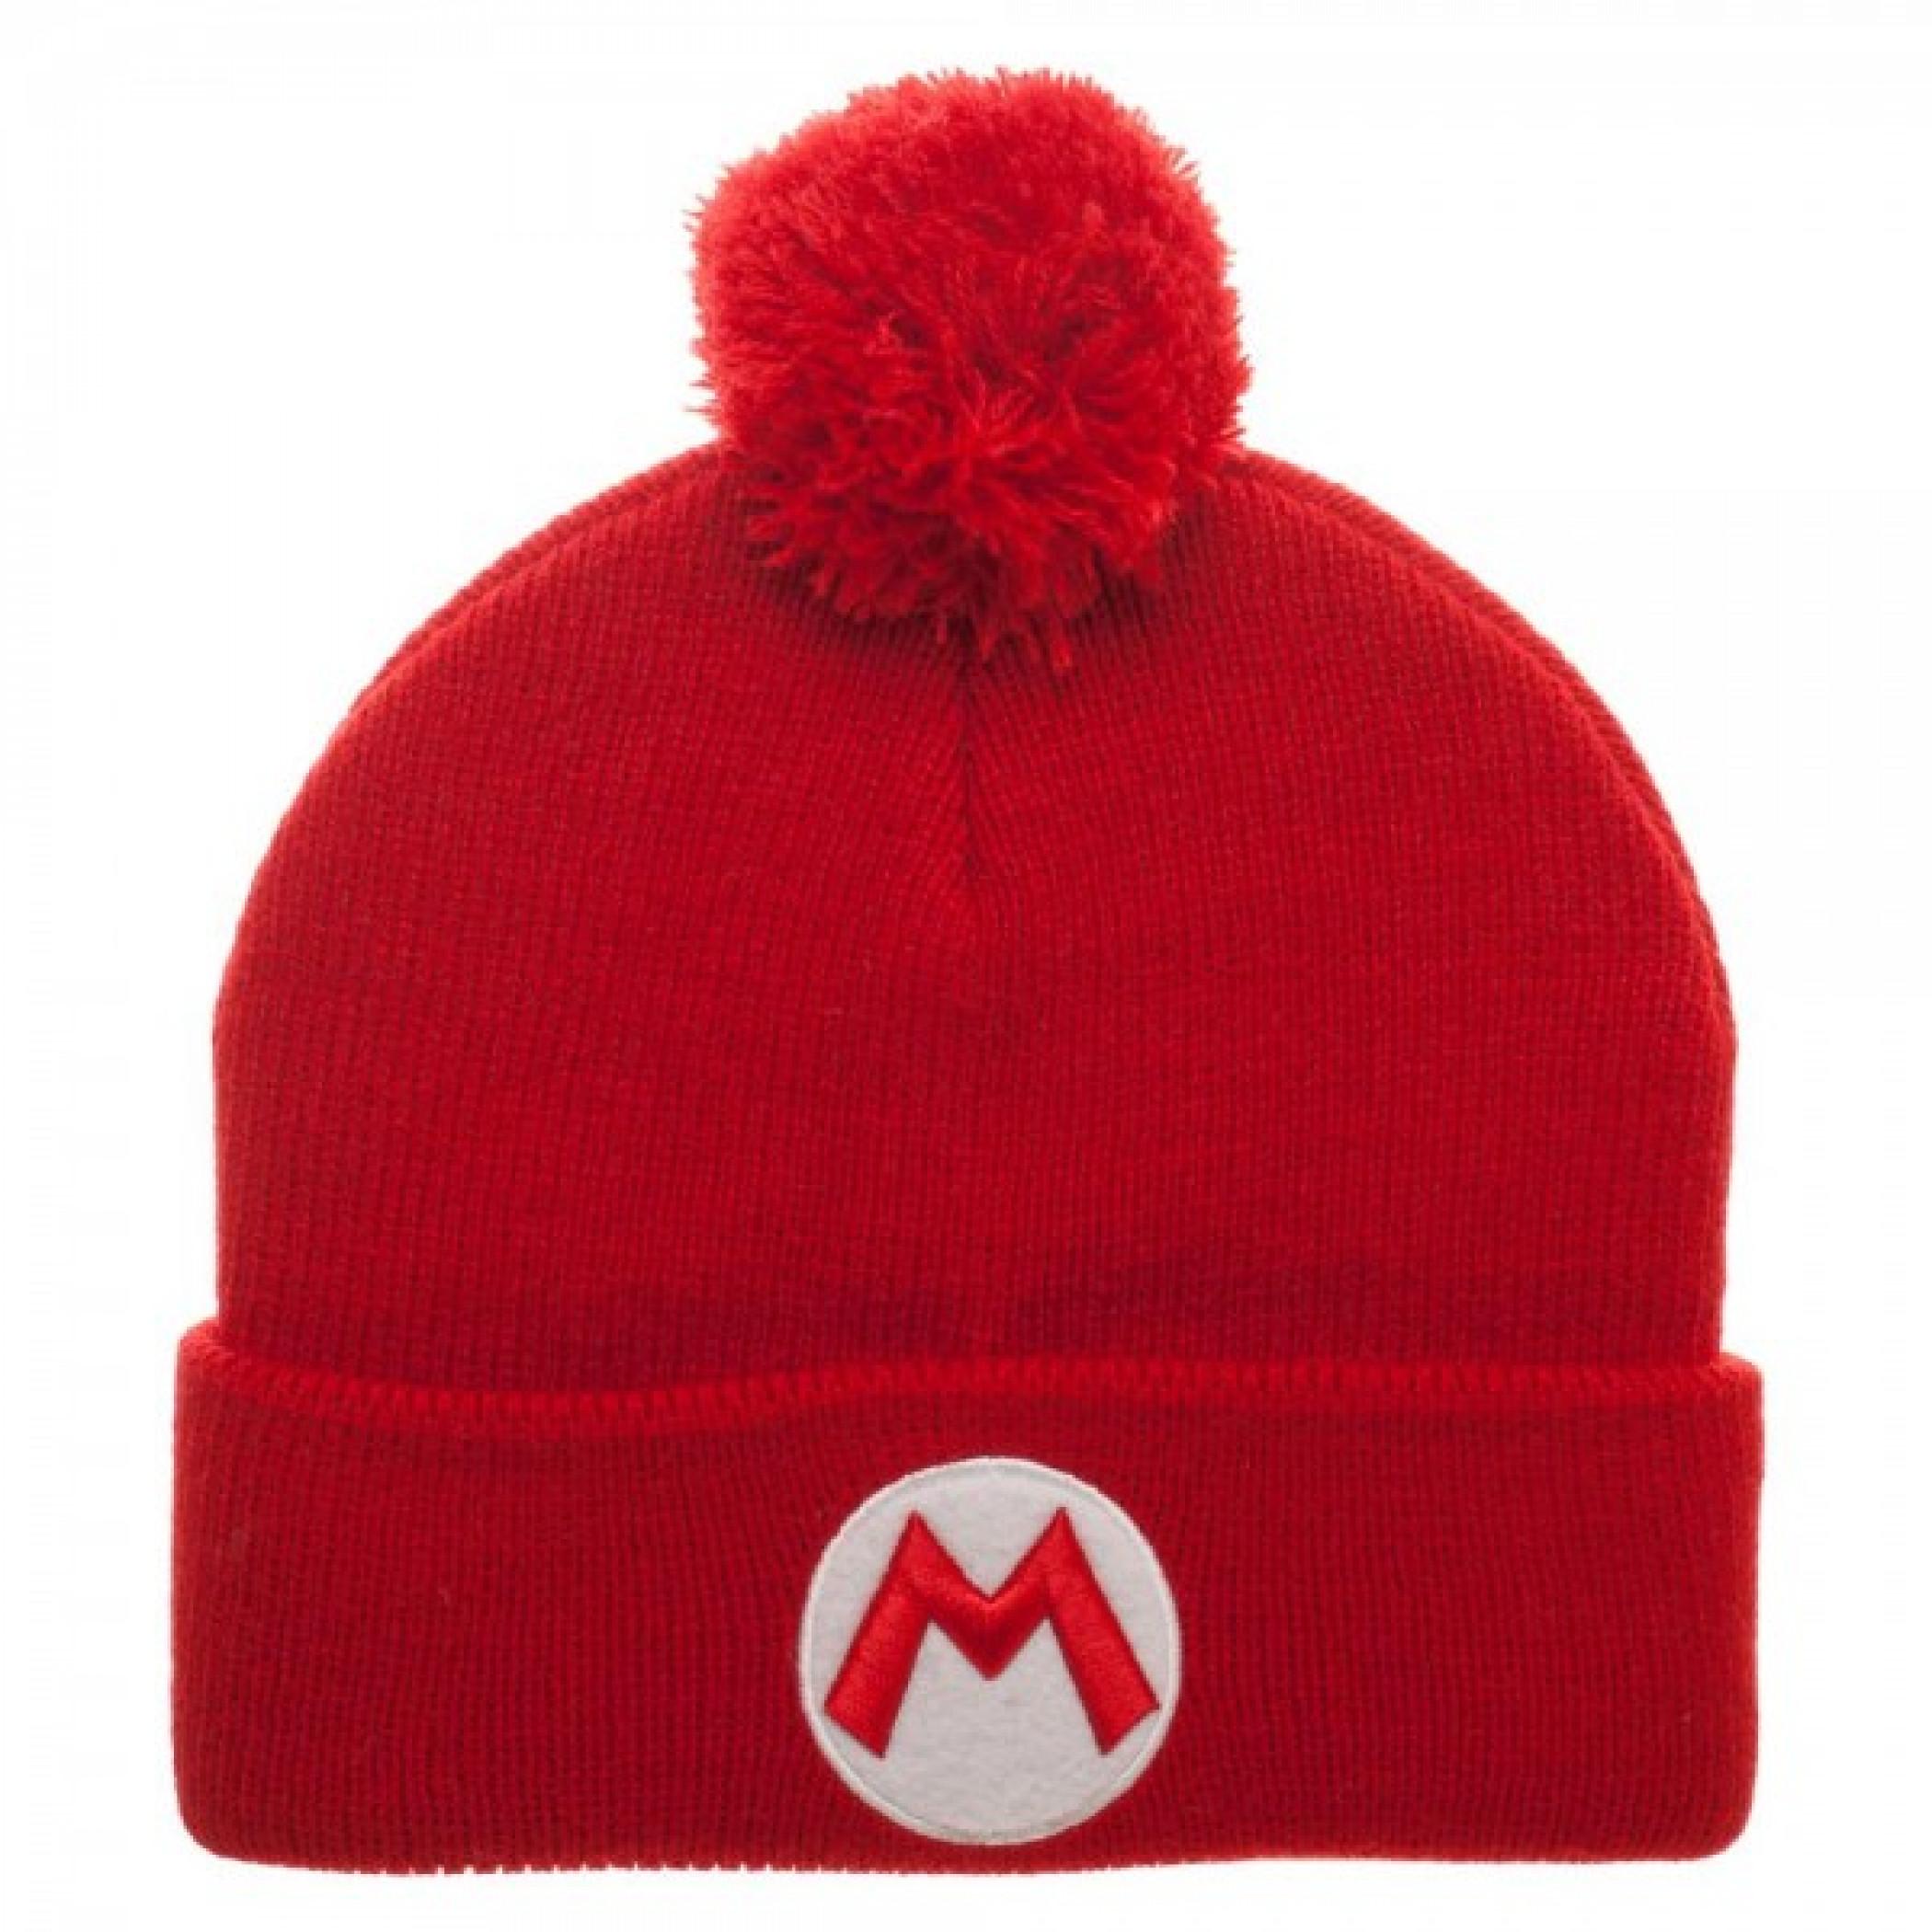 Nintendo Super Mario Bros. Winter Pom Beanie